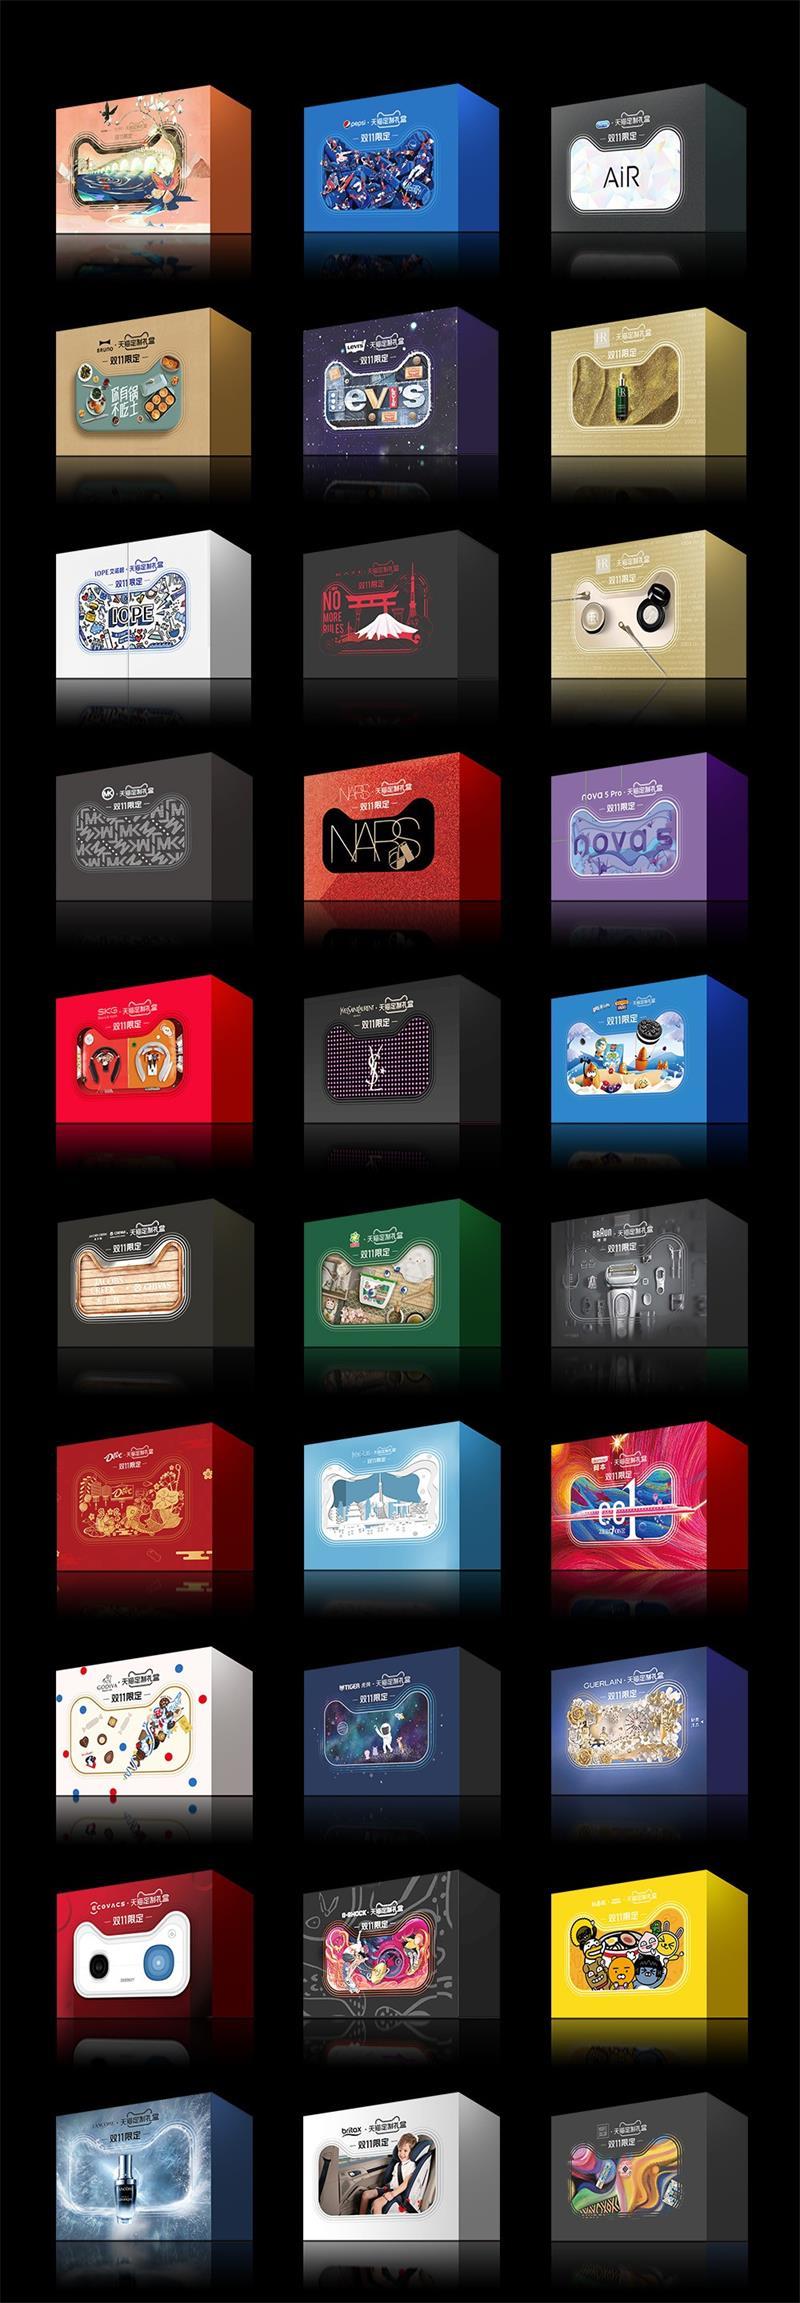 重磅发布!天猫双十一品牌设计背后的故事